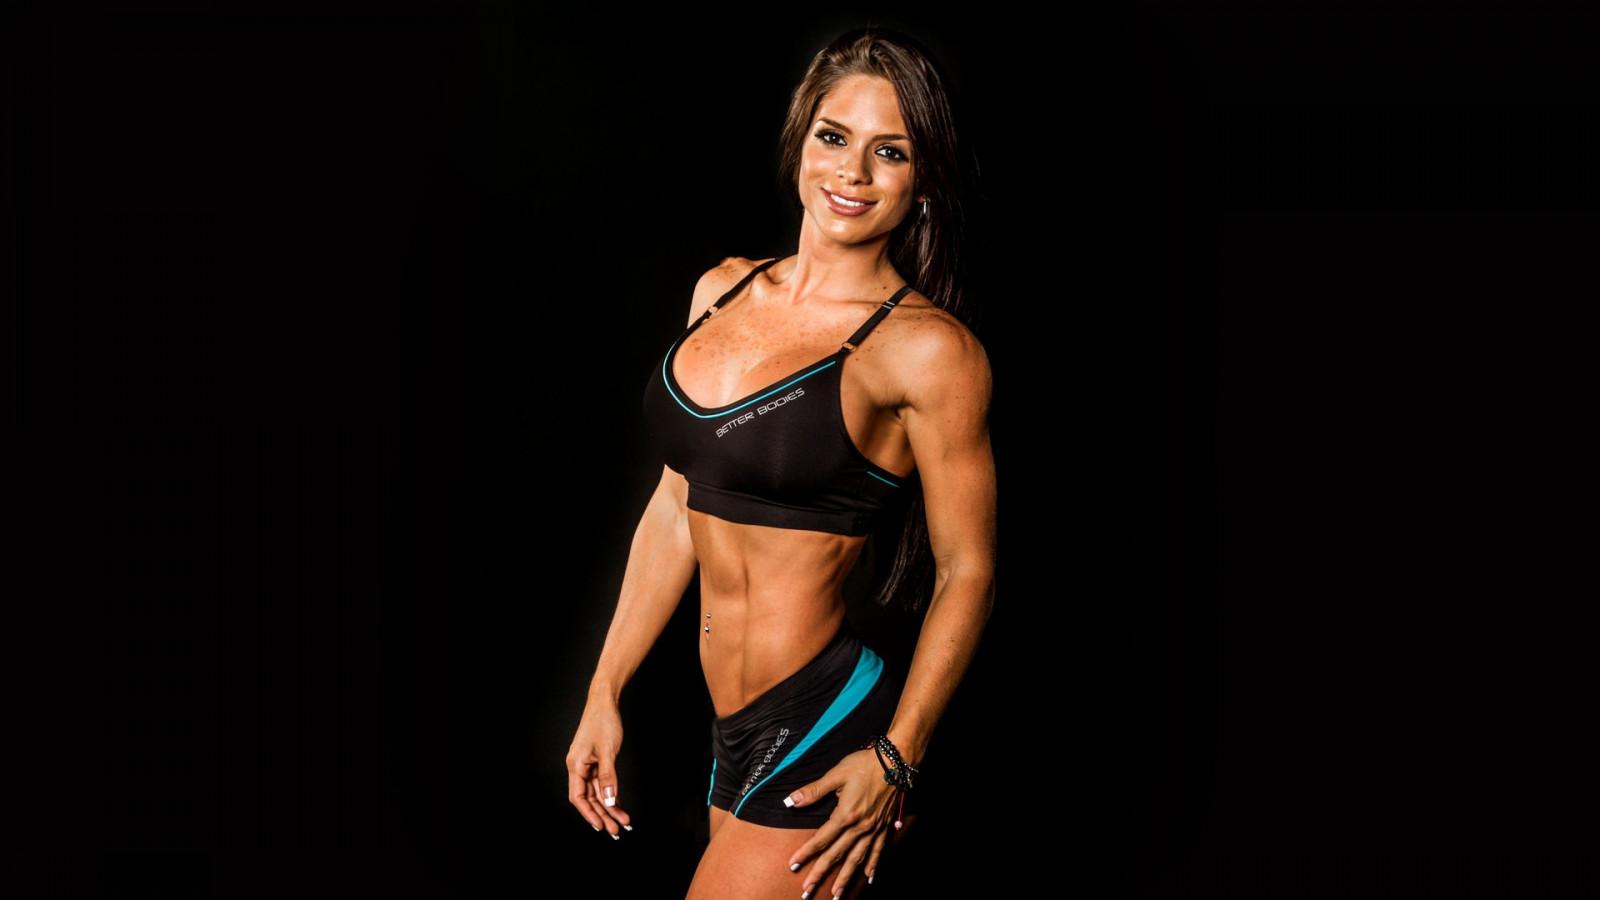 Модели фитнес бикини девушки бюстом